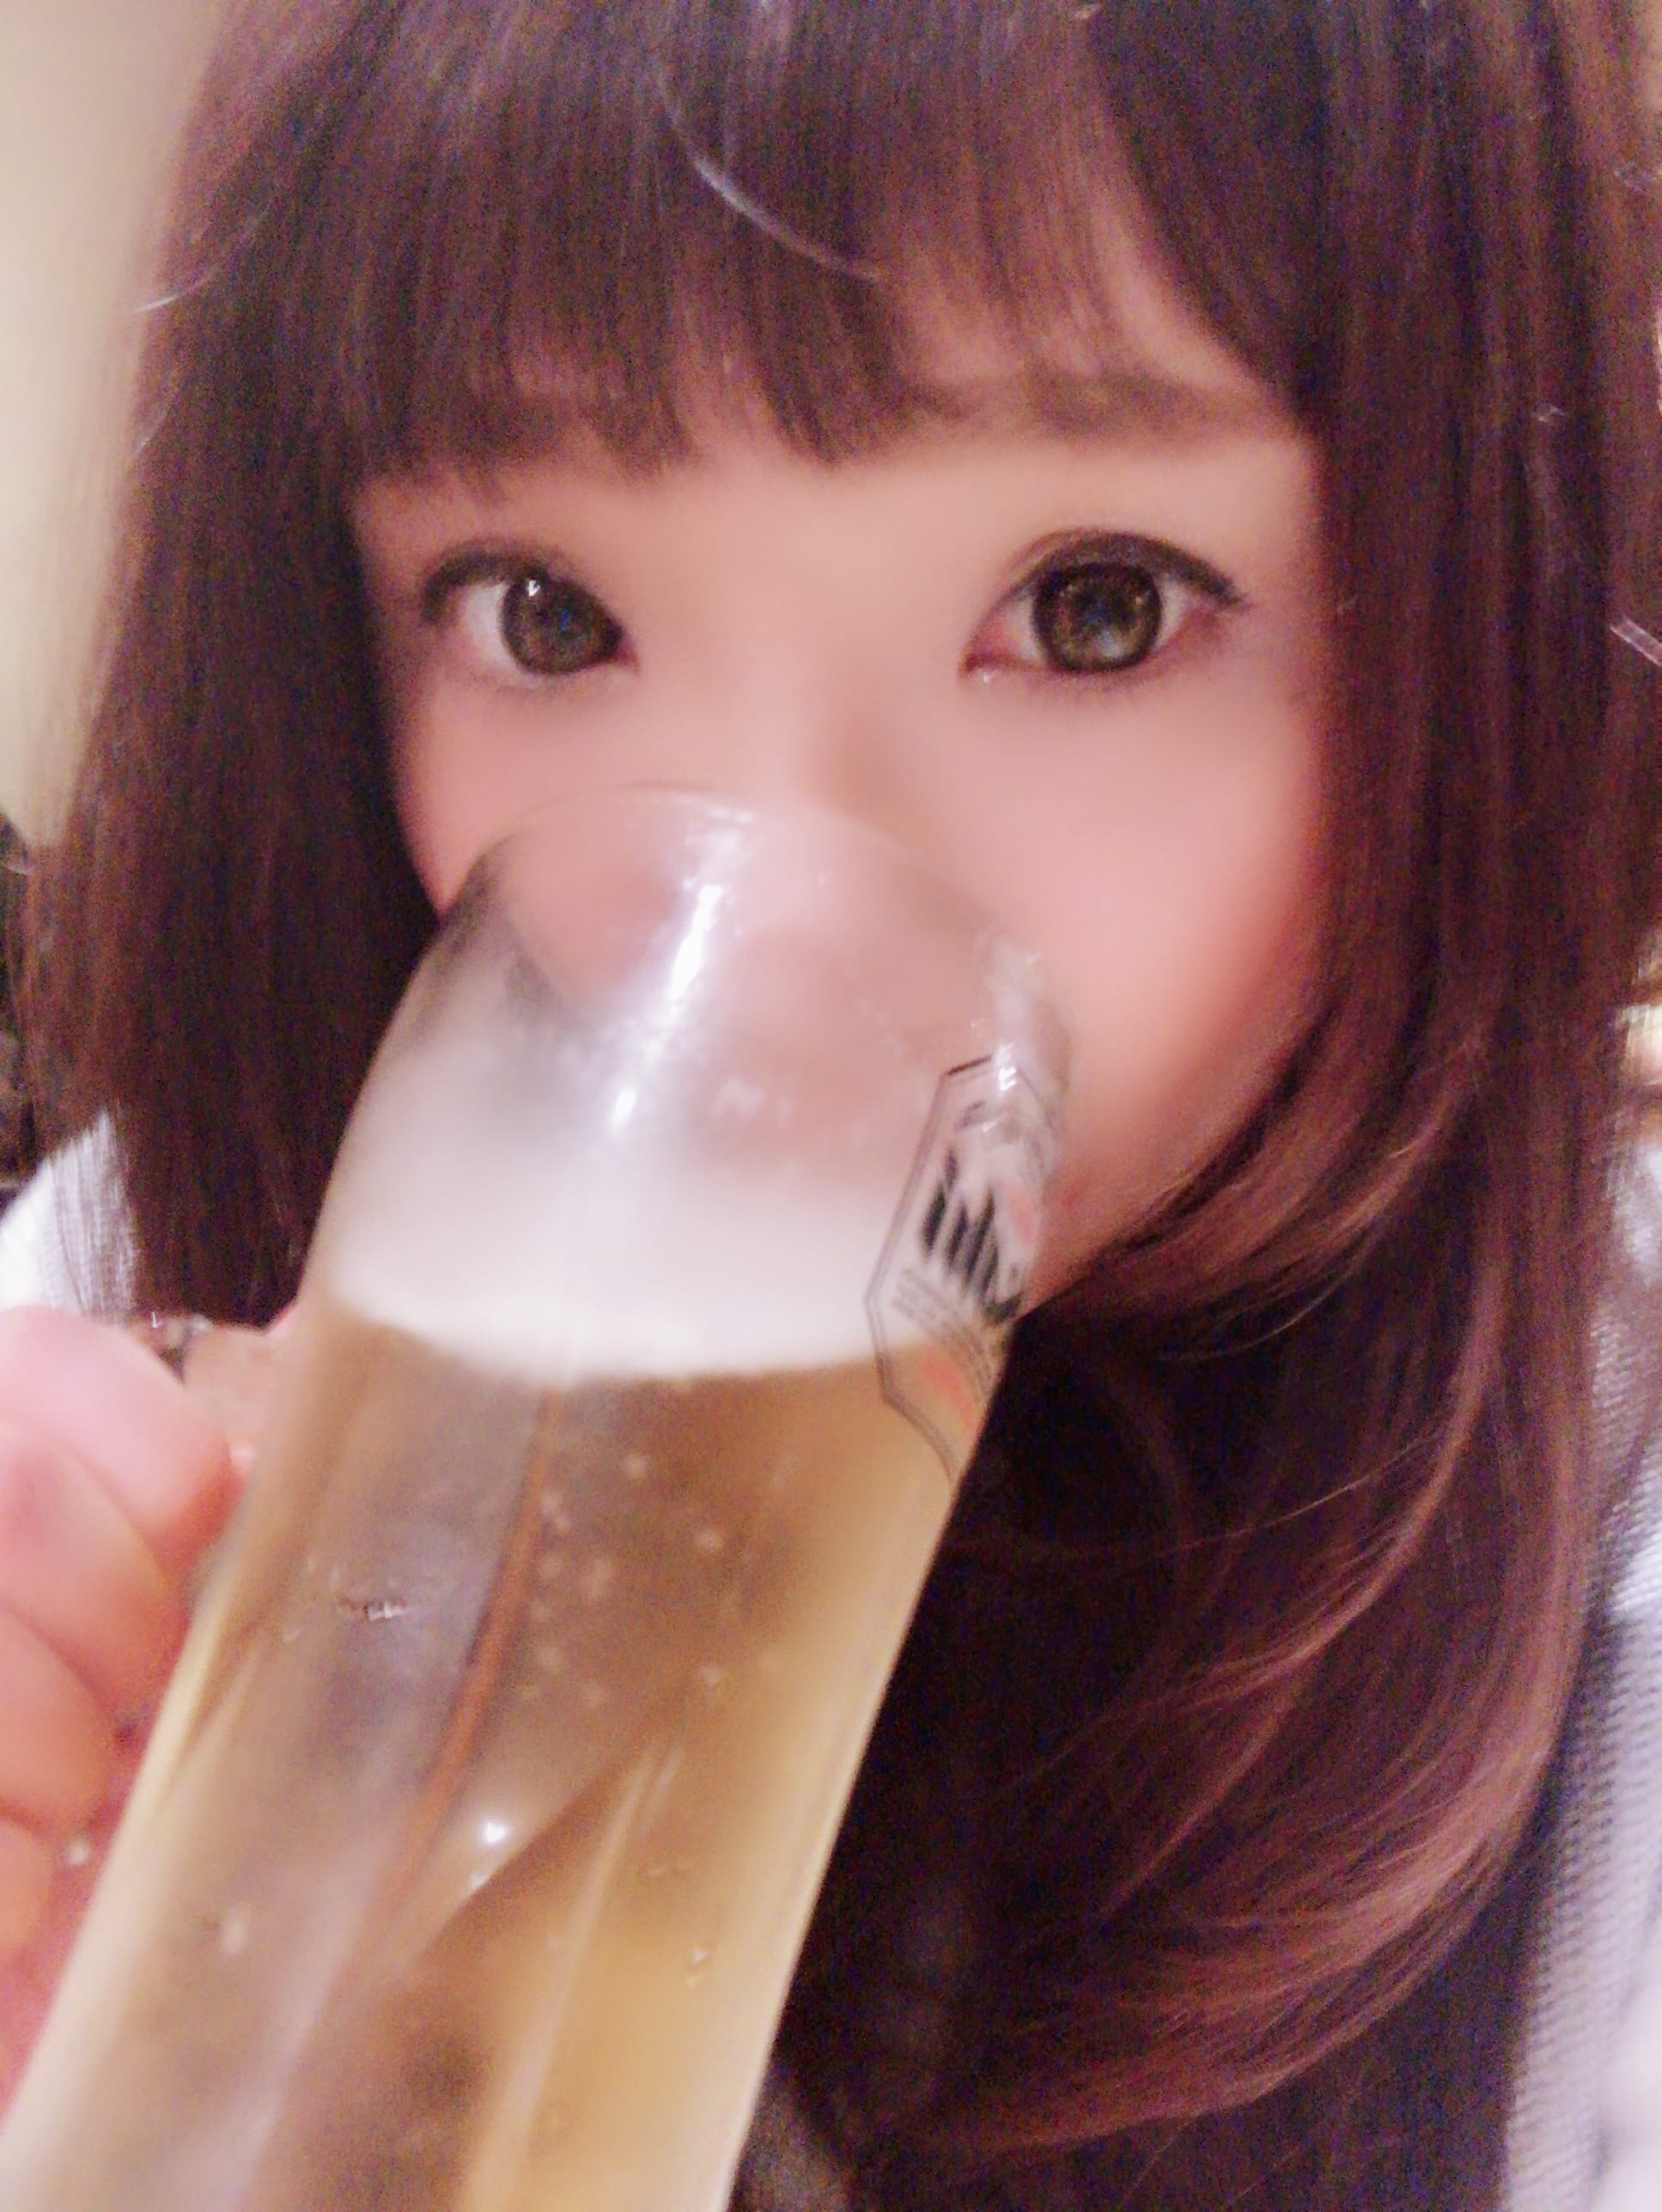 「出勤予定★」01/16(火) 22:55 | れももんの写メ・風俗動画